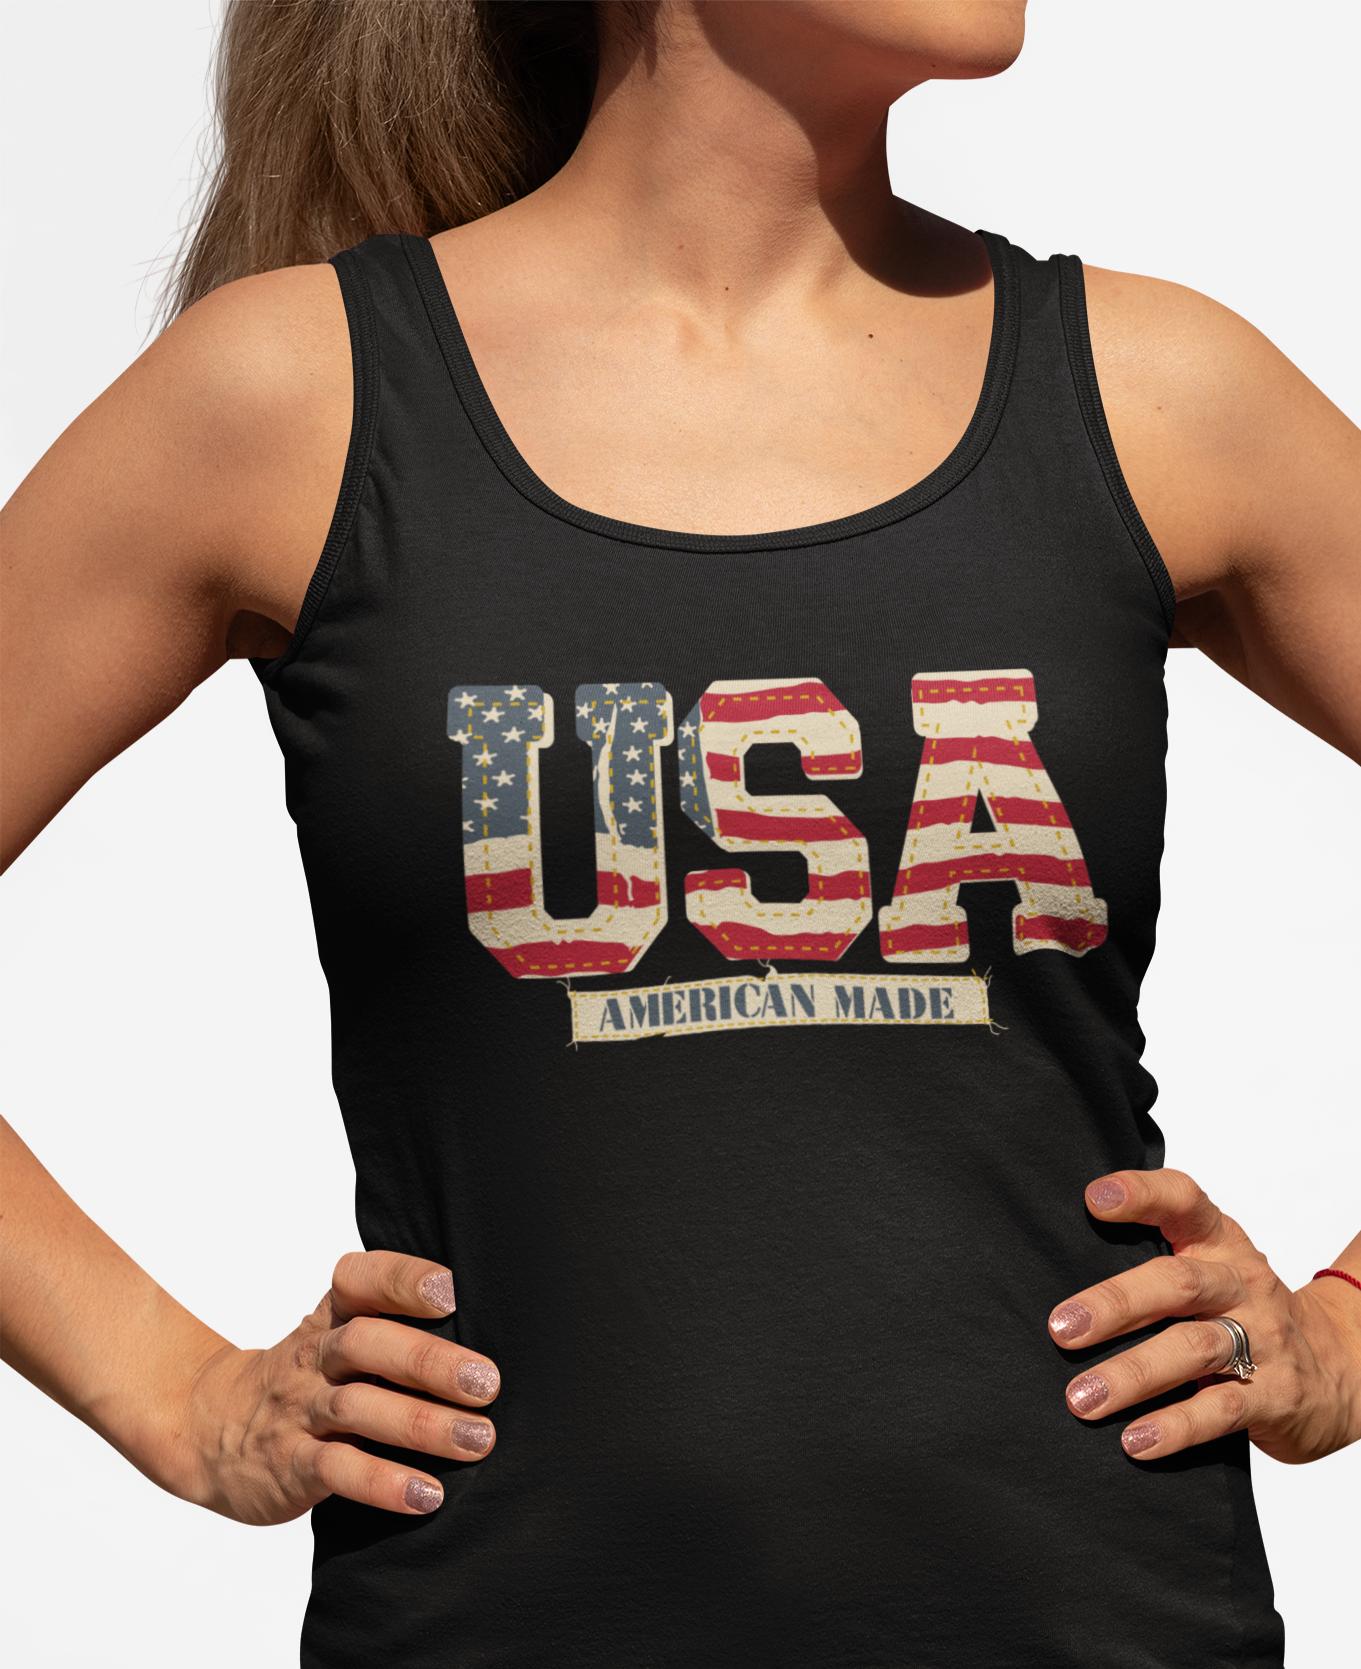 Vintage USA on a Women's Black Core Tank